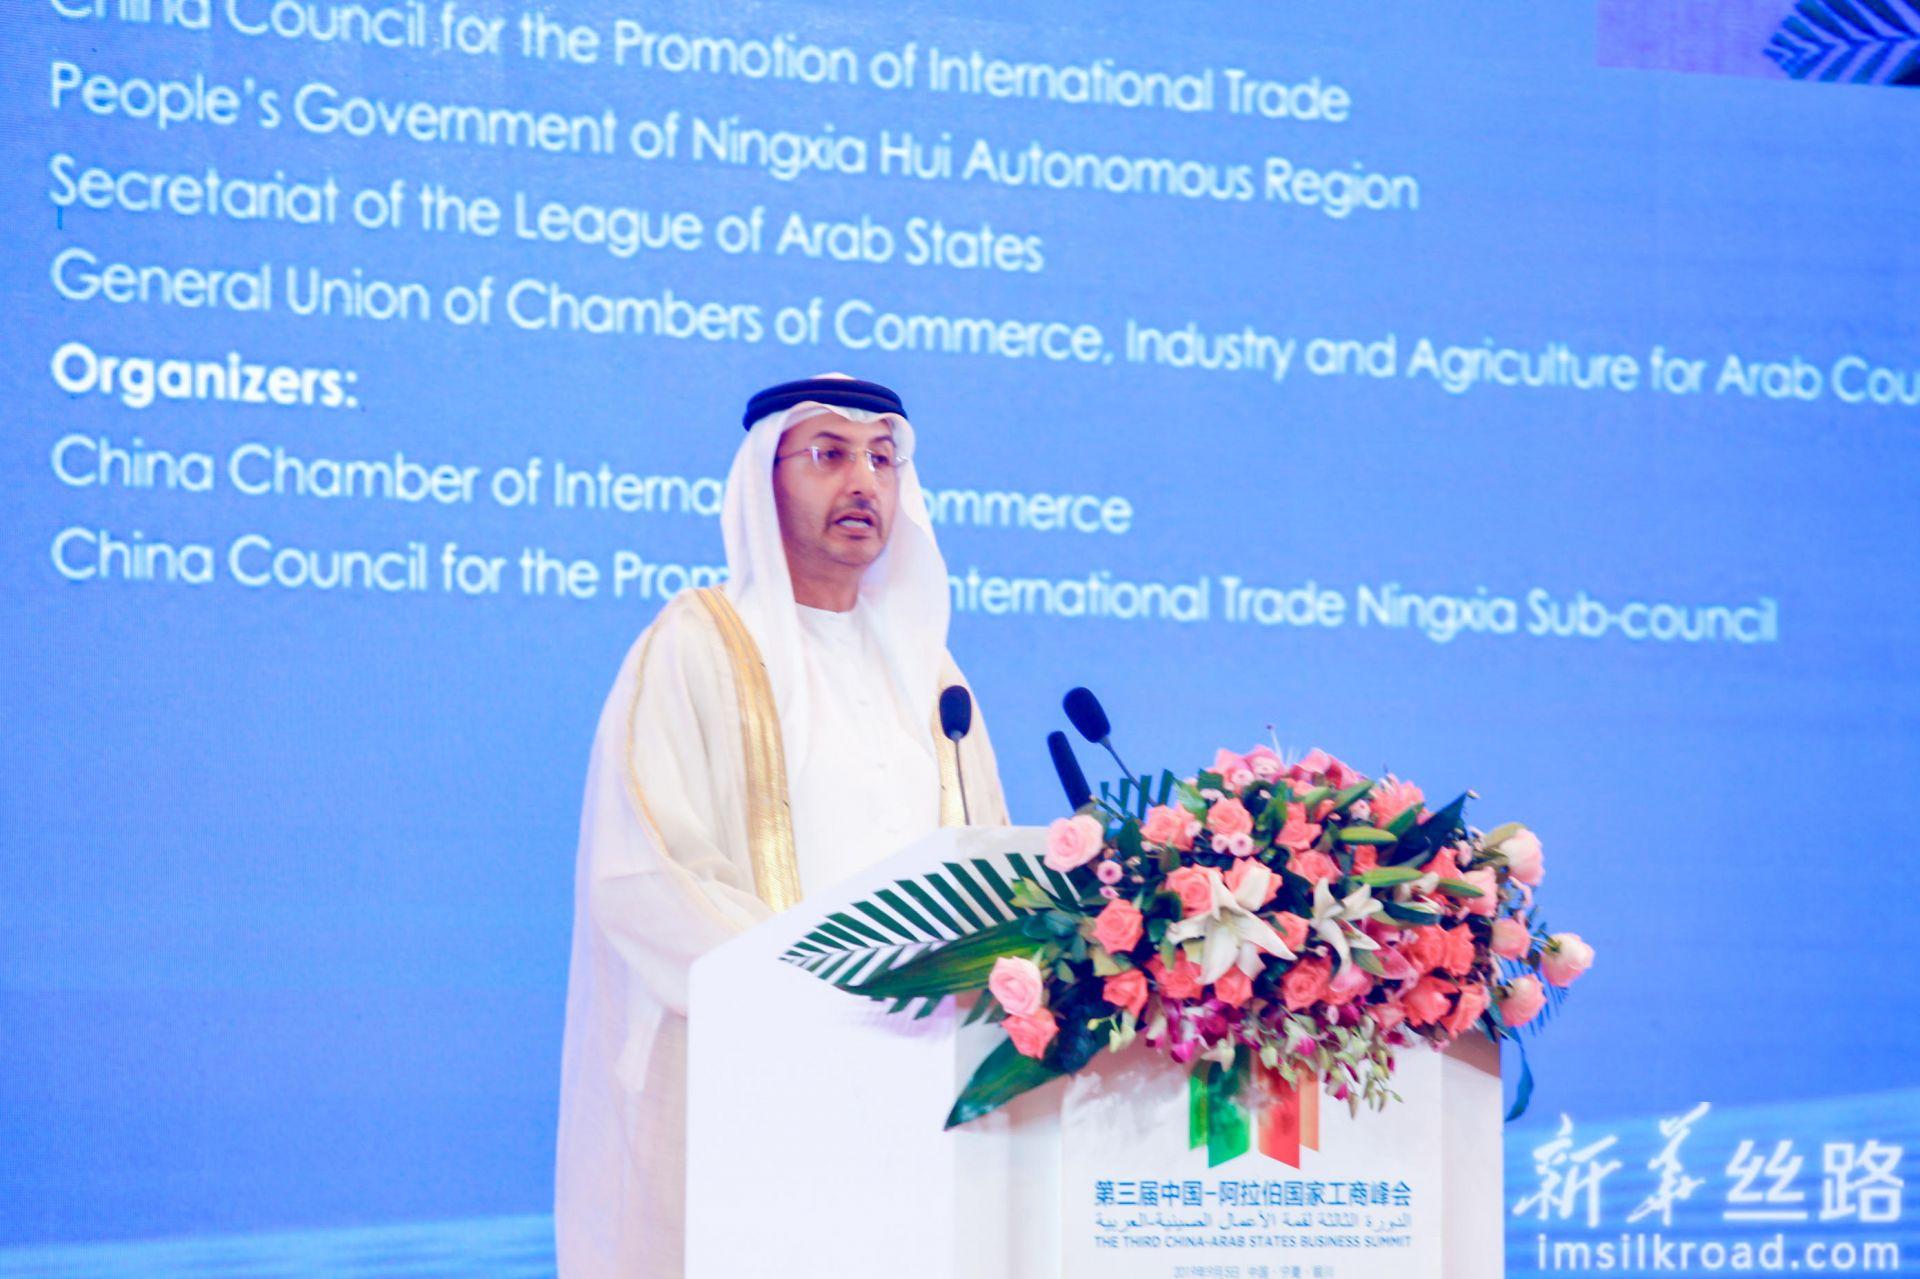 阿联酋经济部次长阿卜杜拉·萨利赫先生致辞。